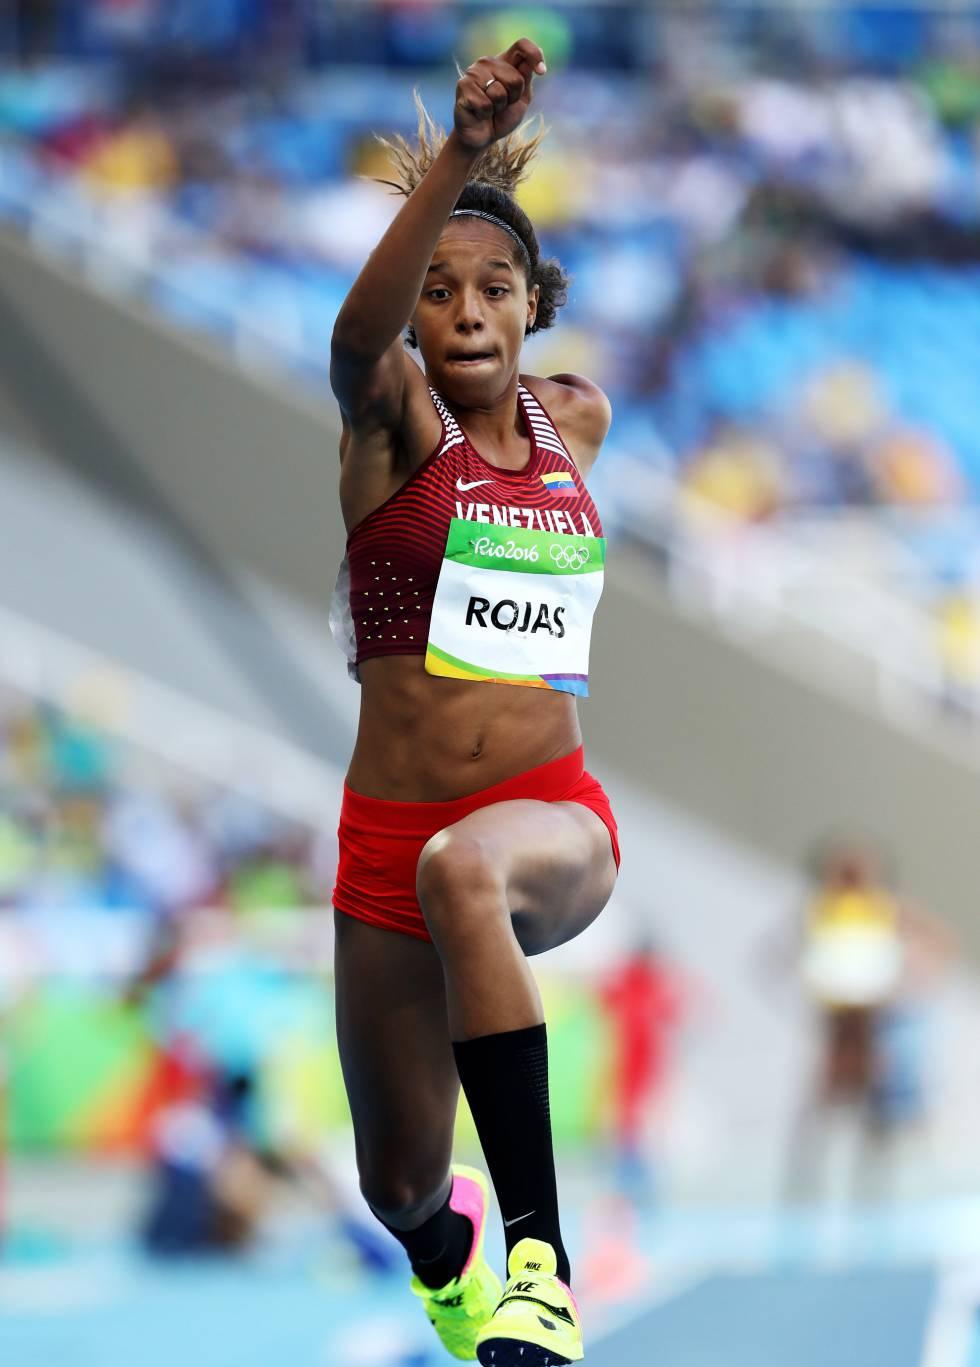 La atleta venezolana Yulimar Rojas